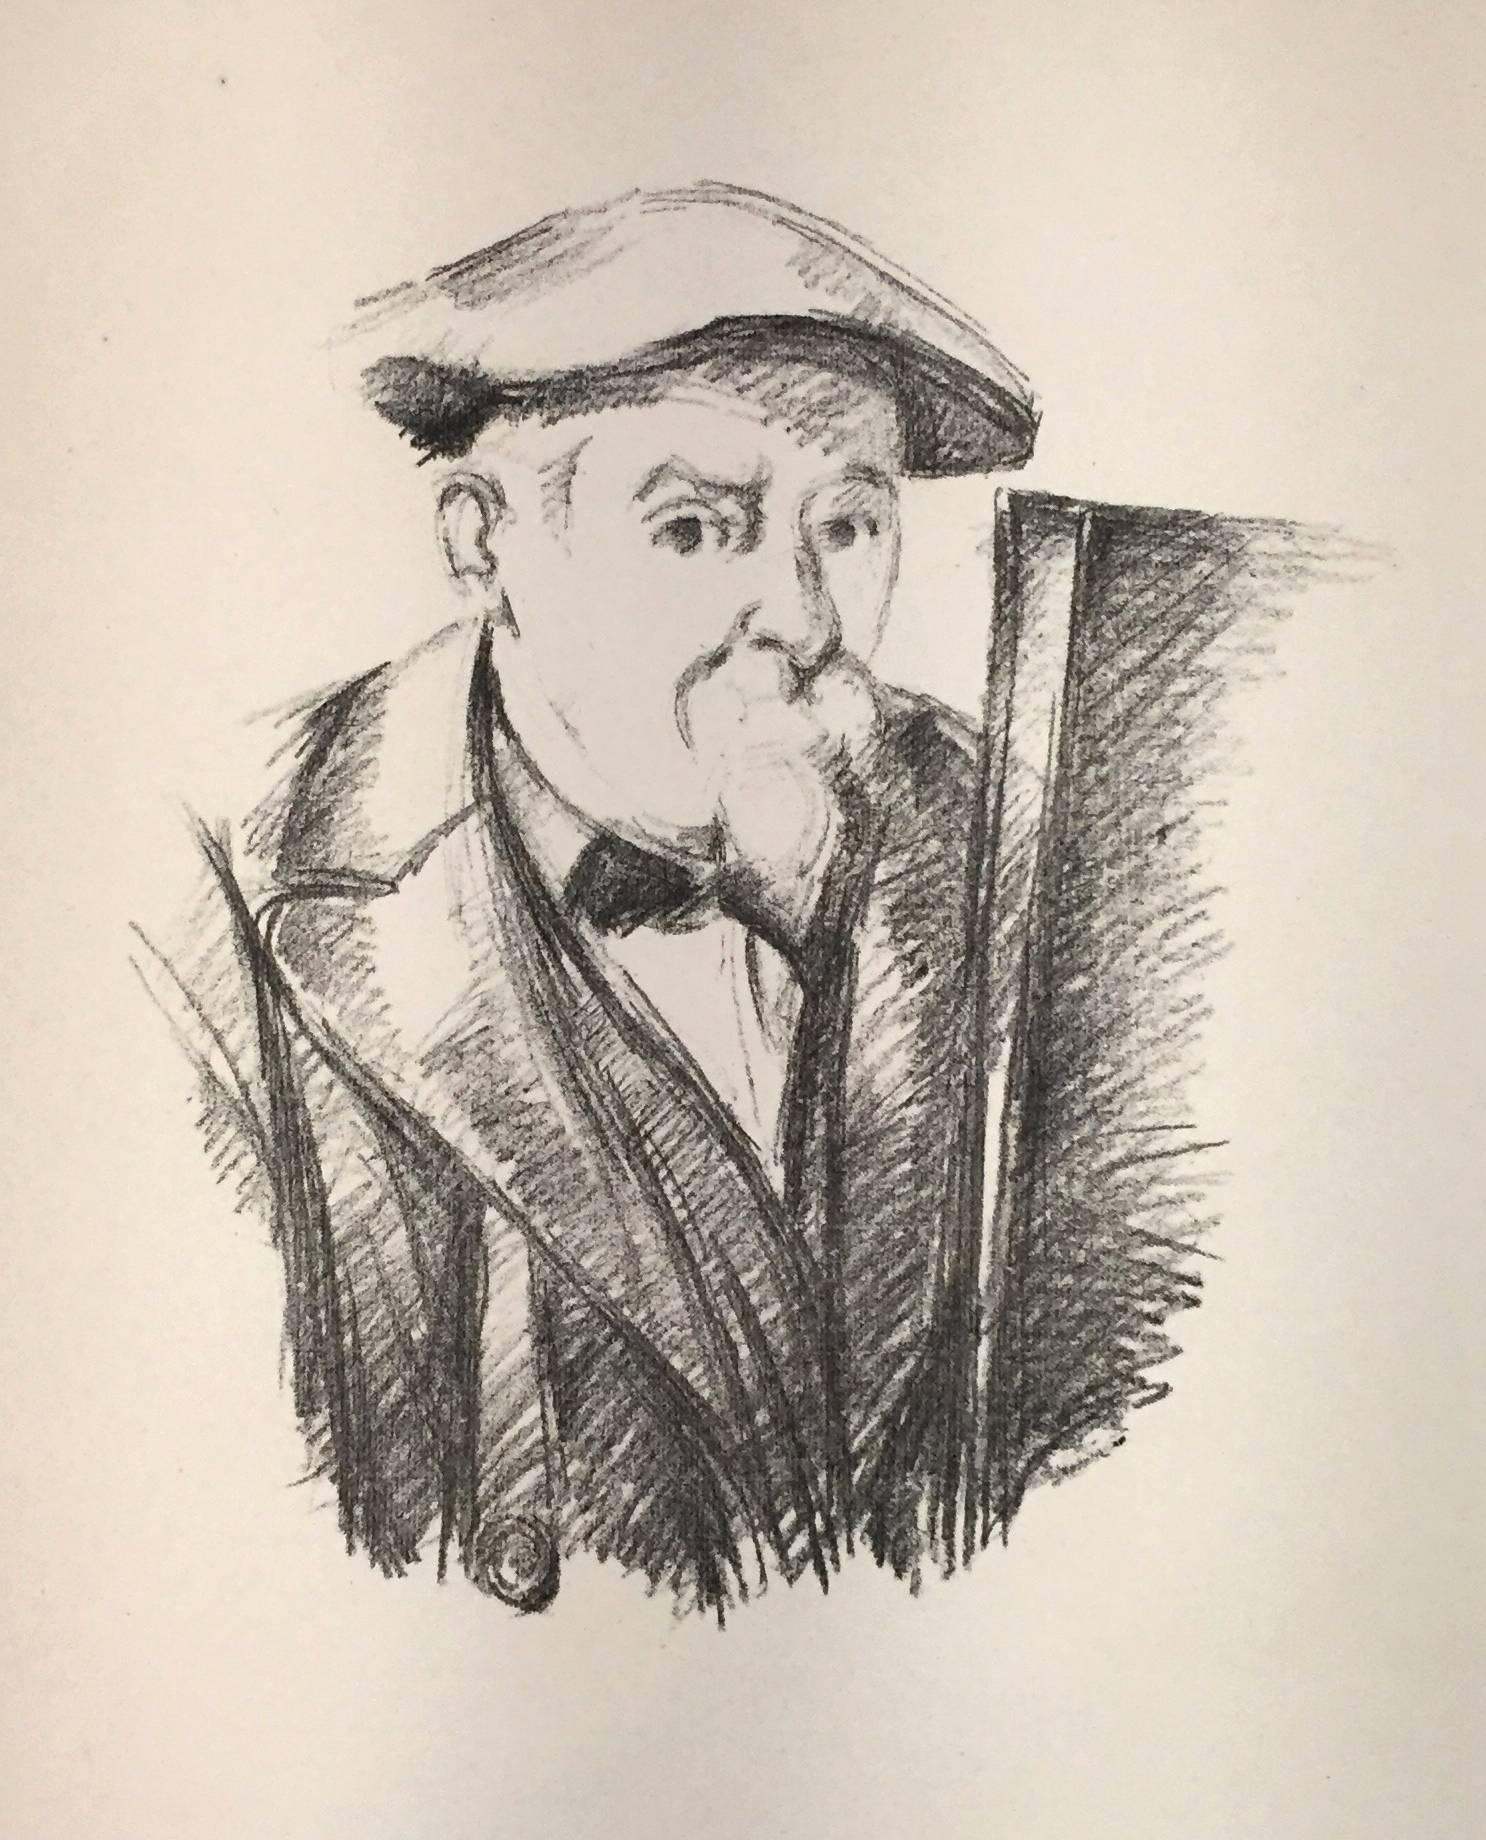 Portrait de Cézanne par lui-meme (Self-Portrait) - Original Lithograph - 1898